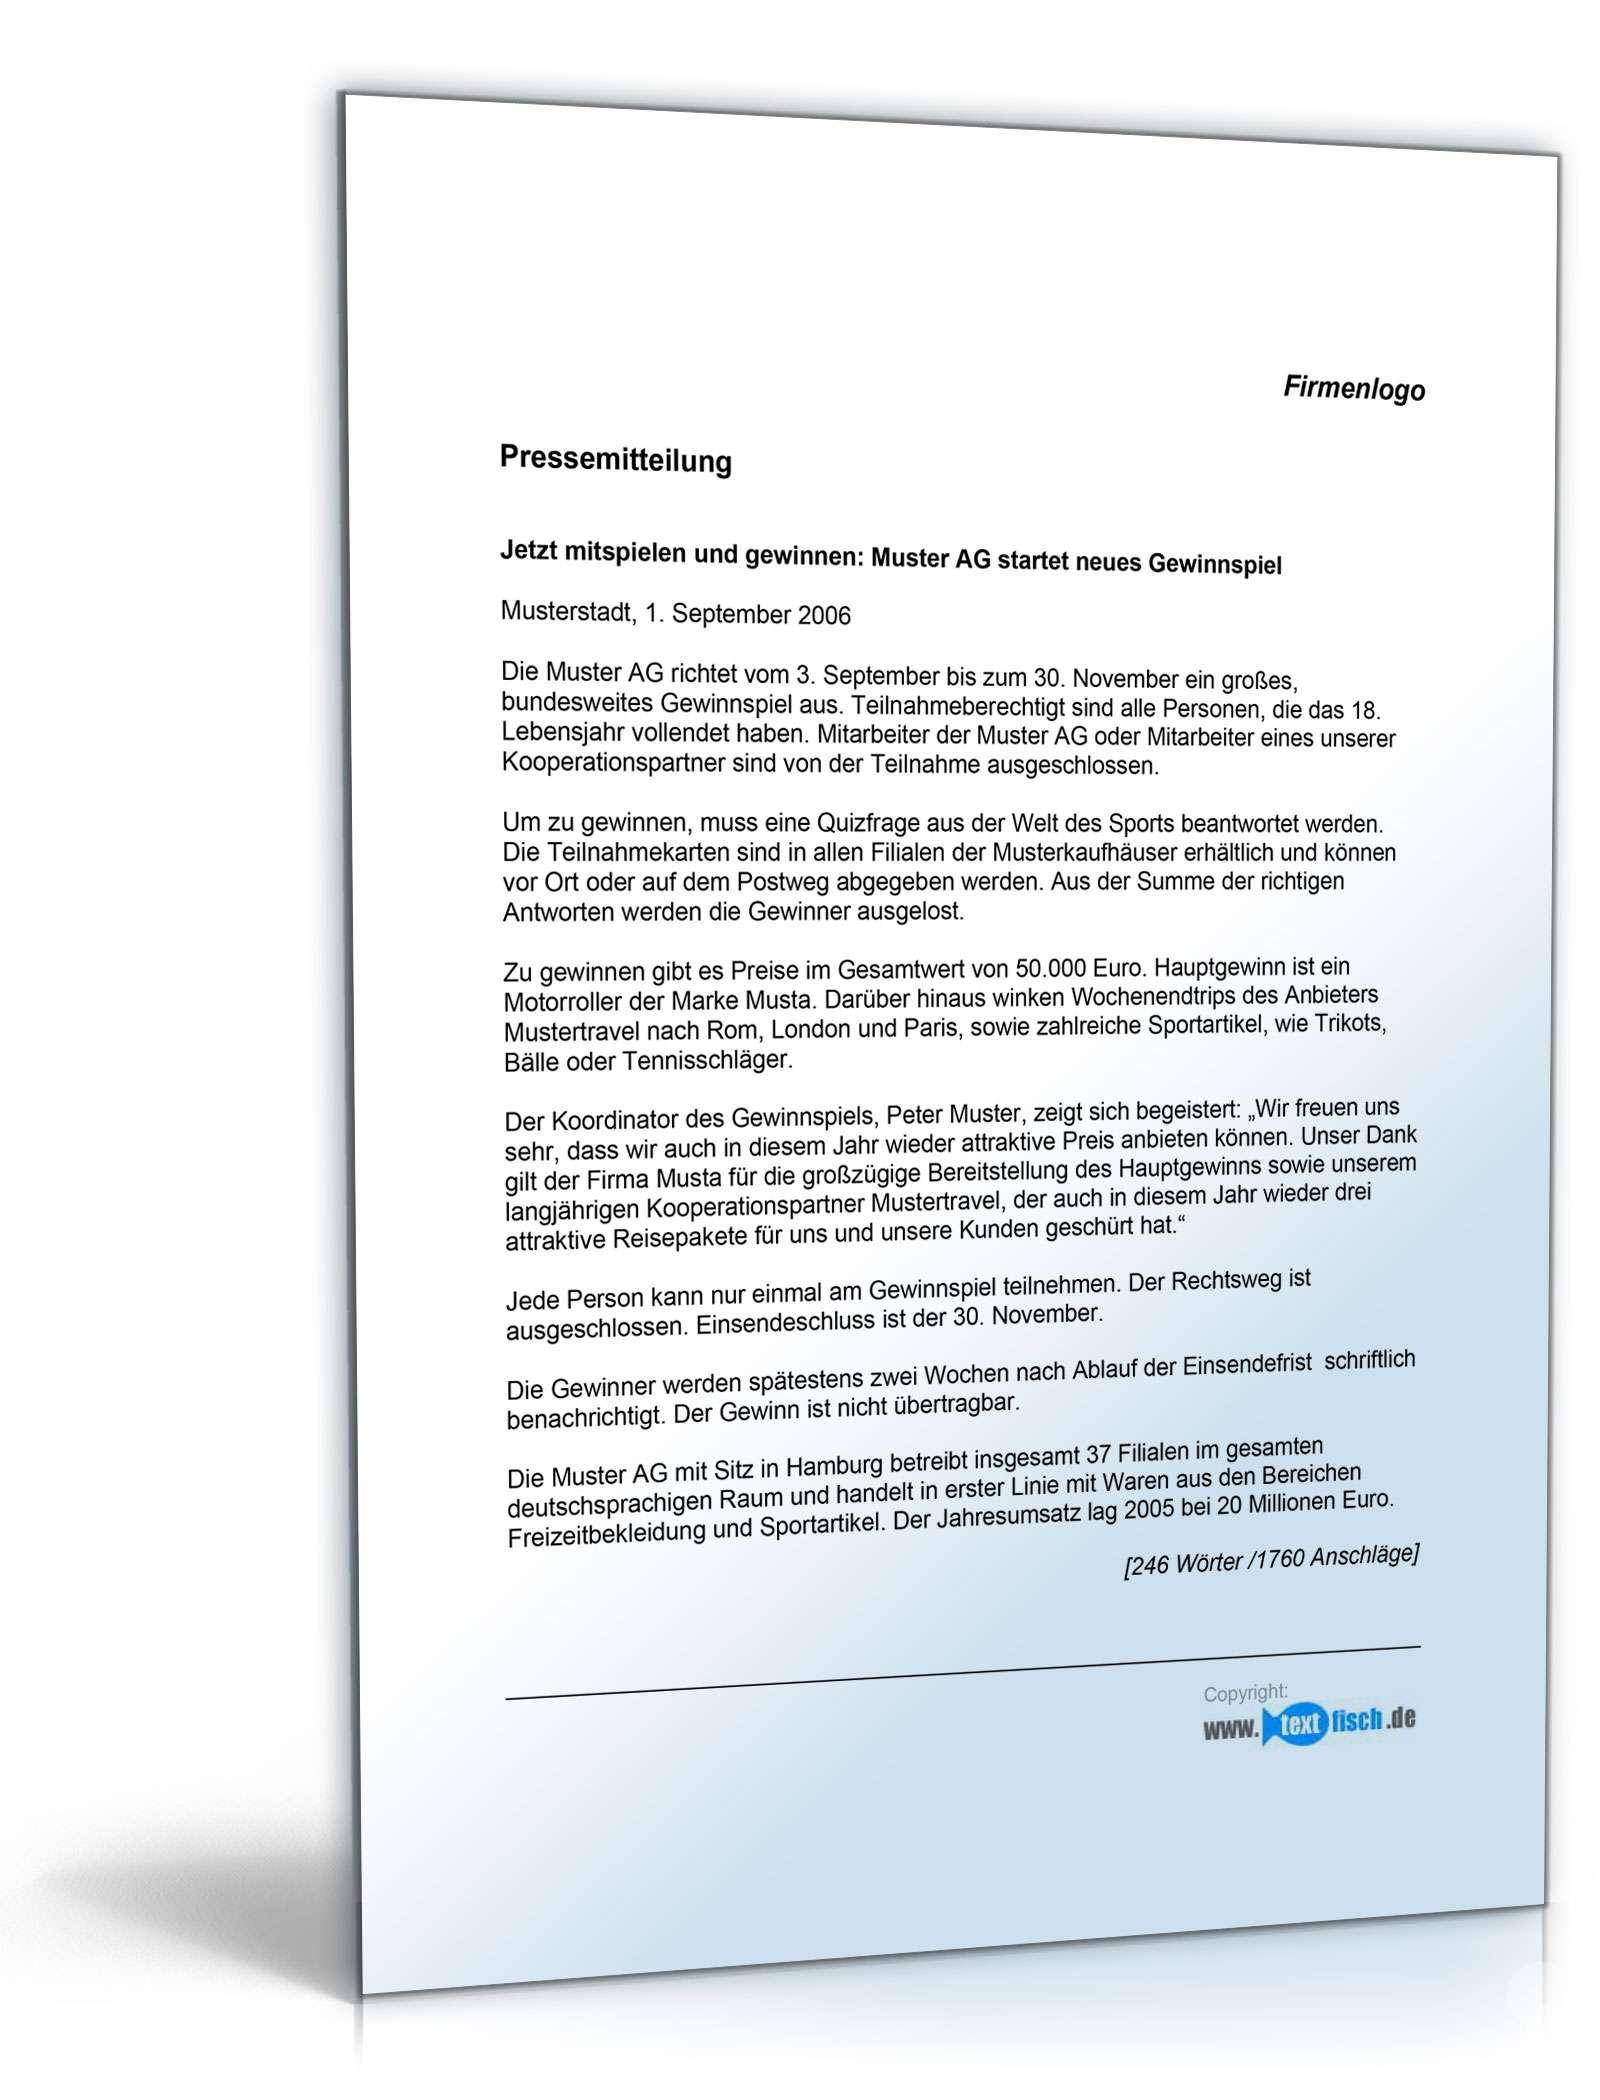 Charmant Unfallbericht Vorlage Ideen - Beispielzusammenfassung Ideen ...